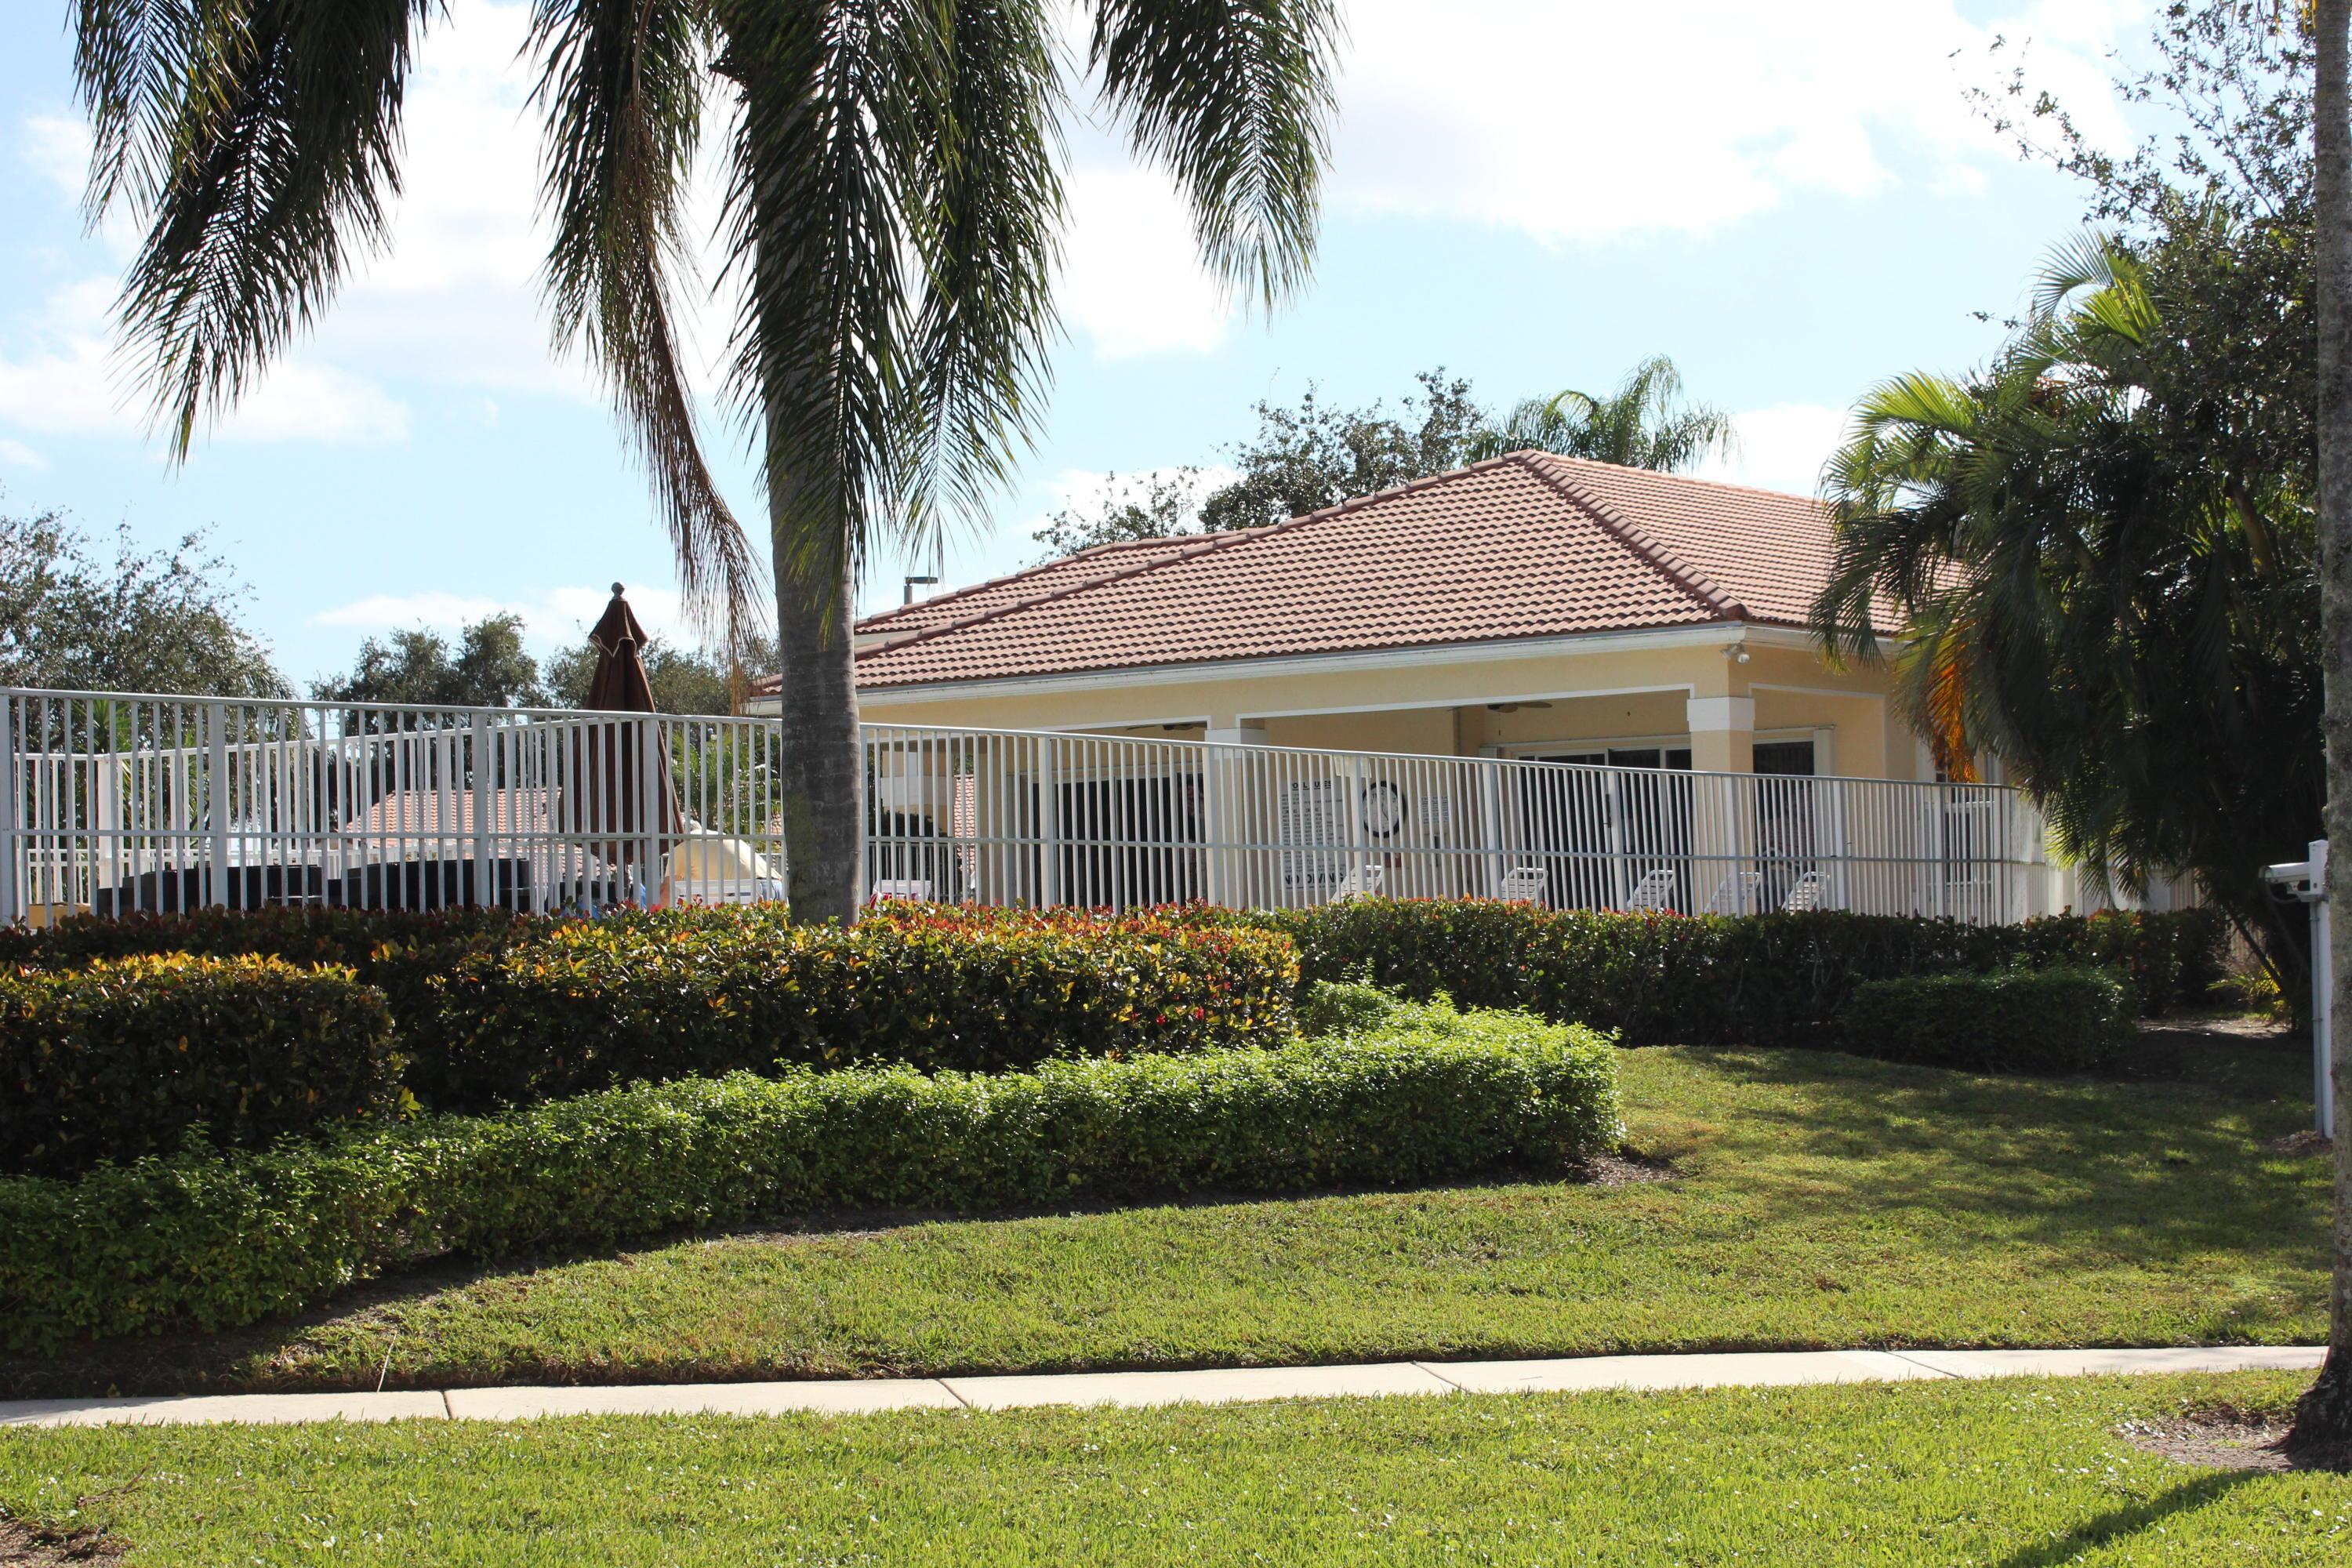 36 Sausalito Drive - 33436 - FL - Boynton Beach